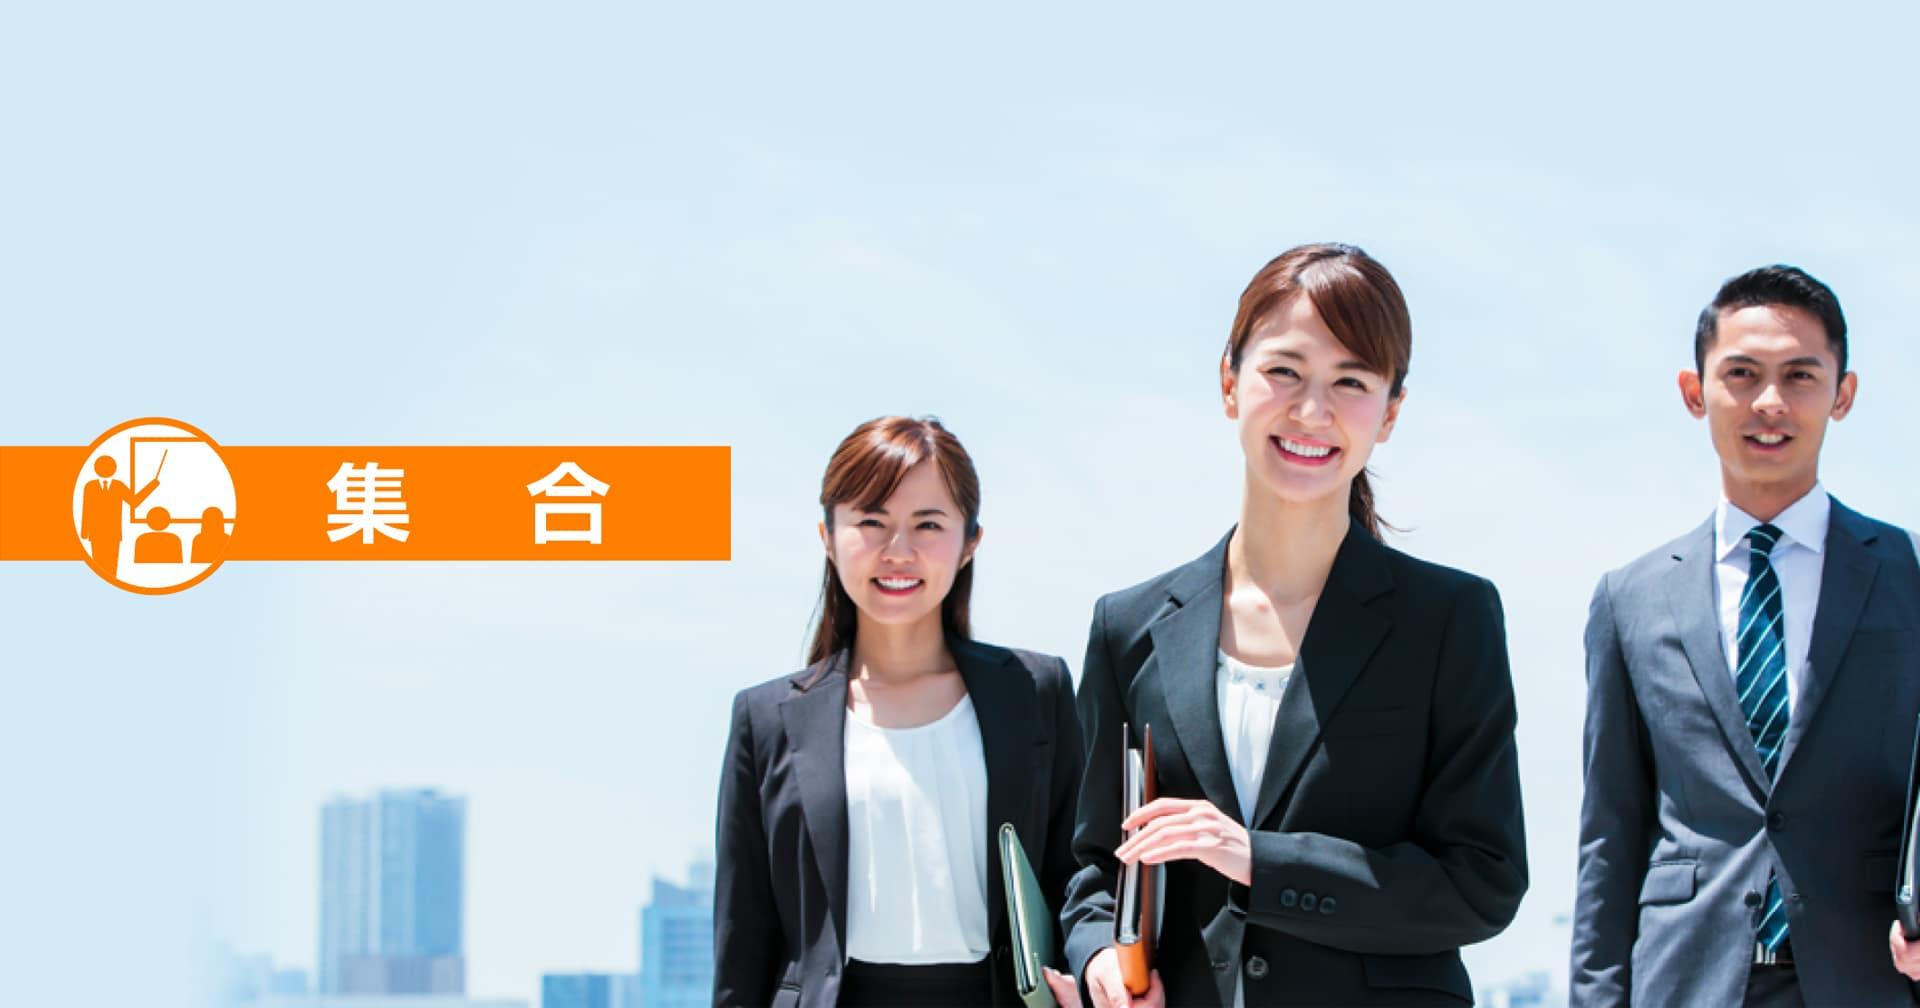 PHPビジネスコーチ養成講座【ベーシックコース】